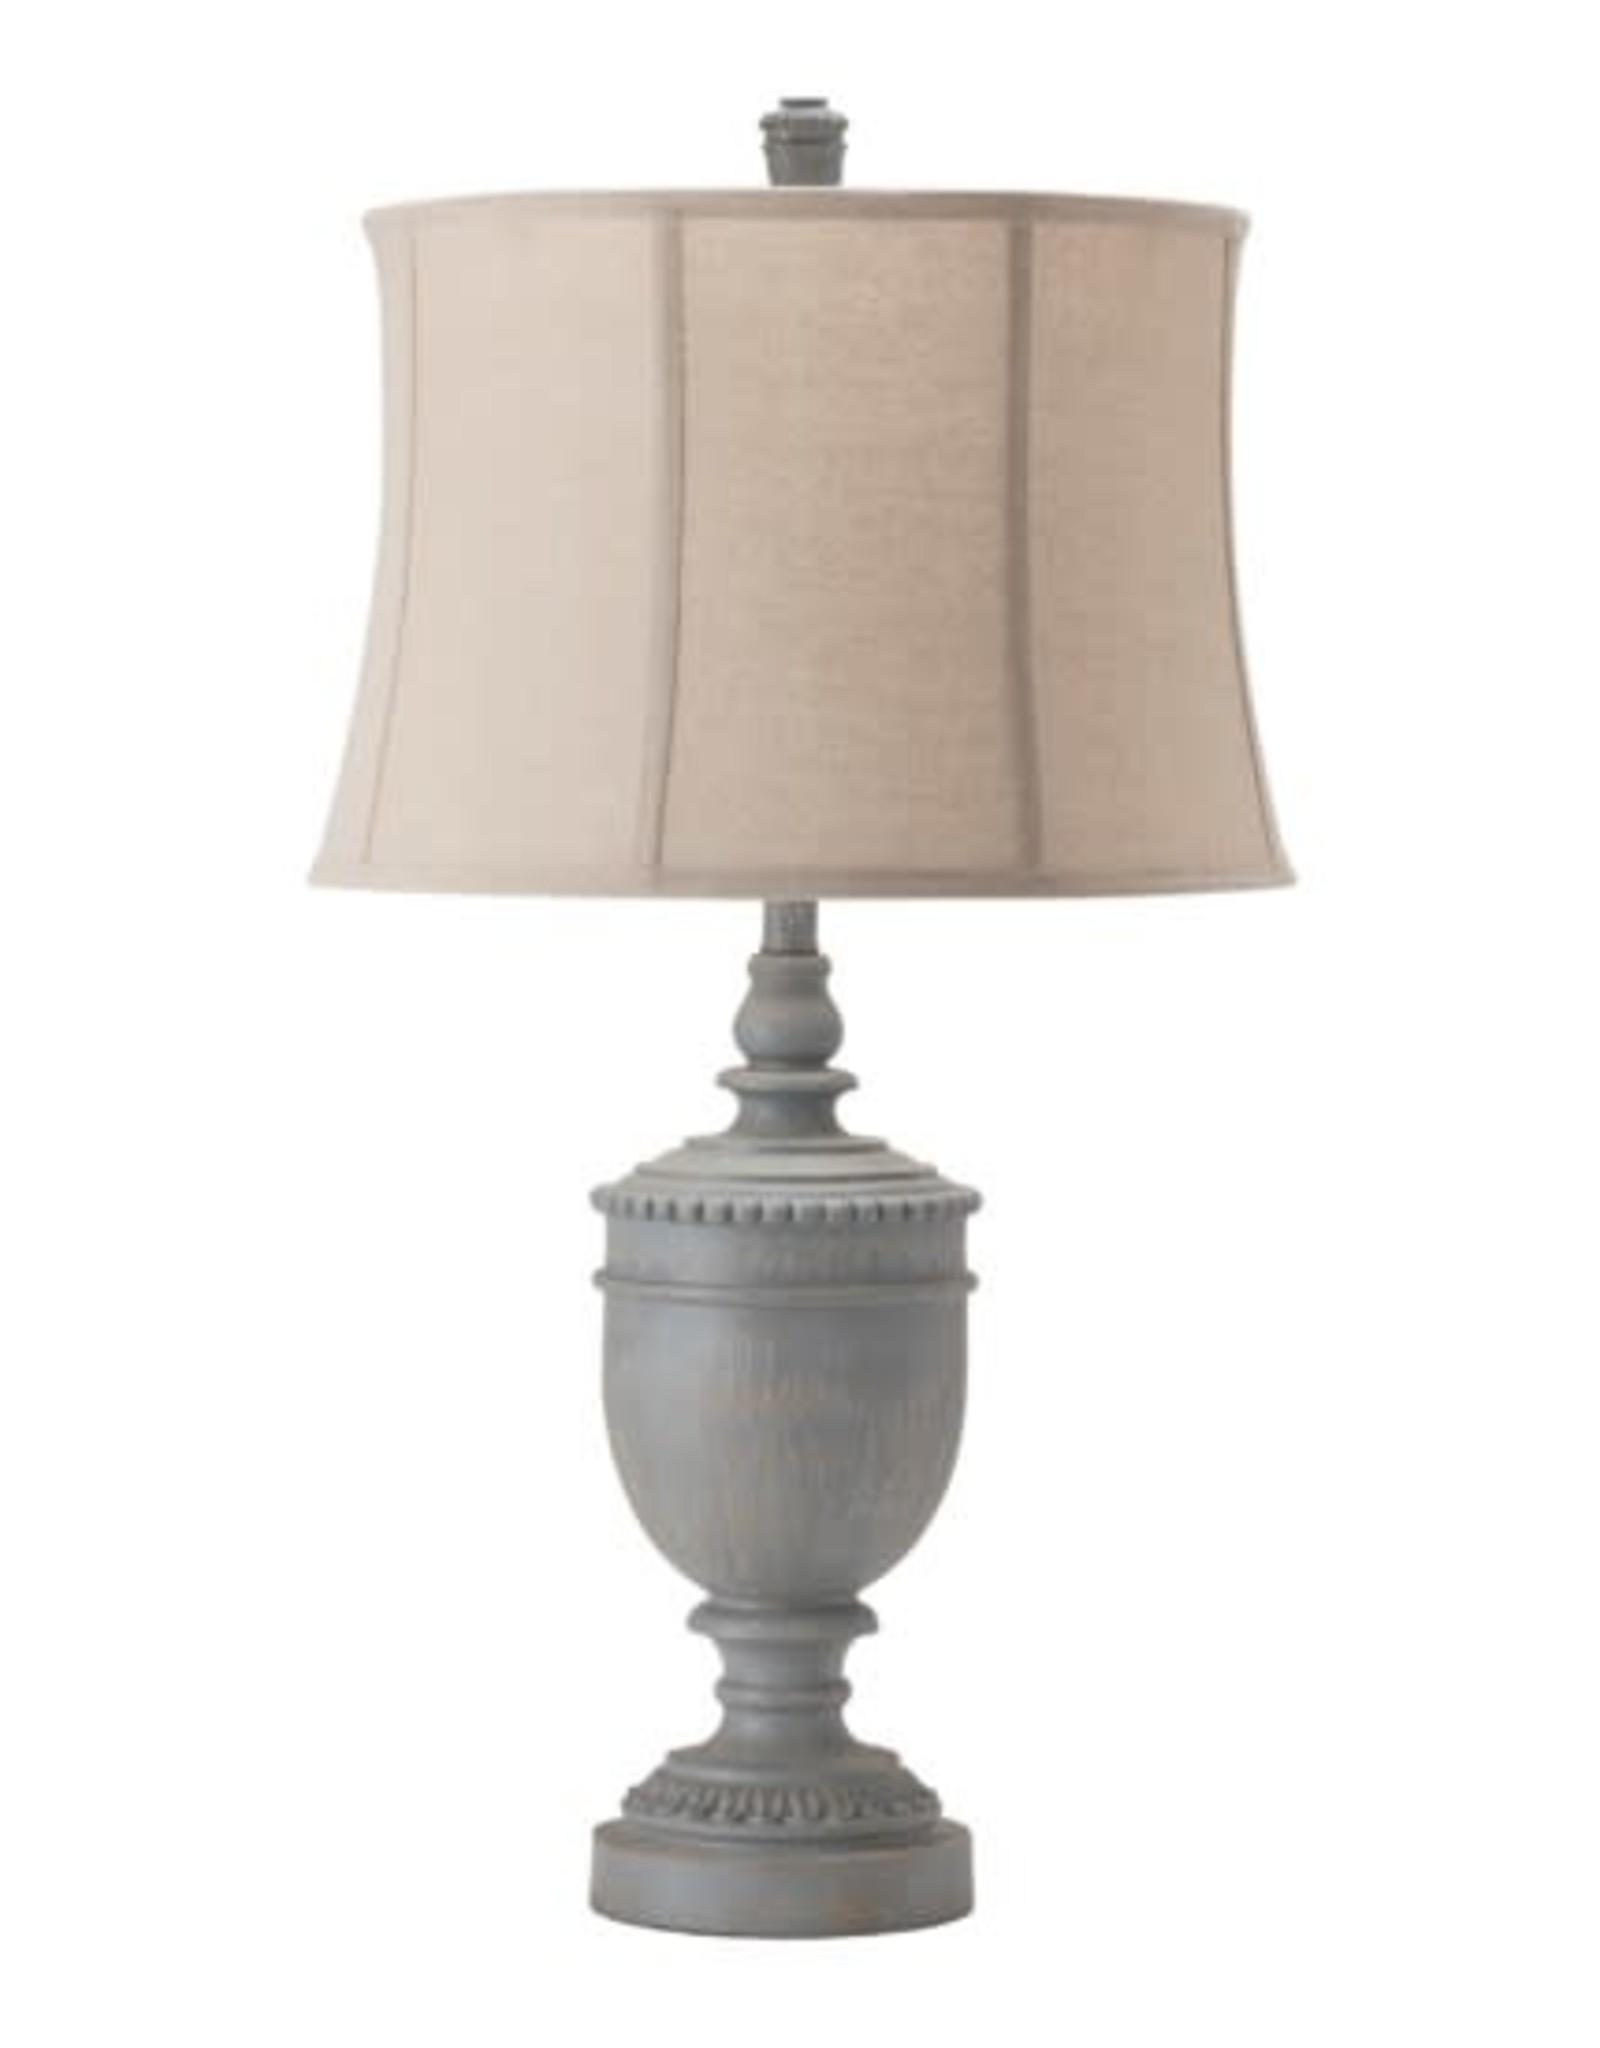 Crestview Drew Table Lamp